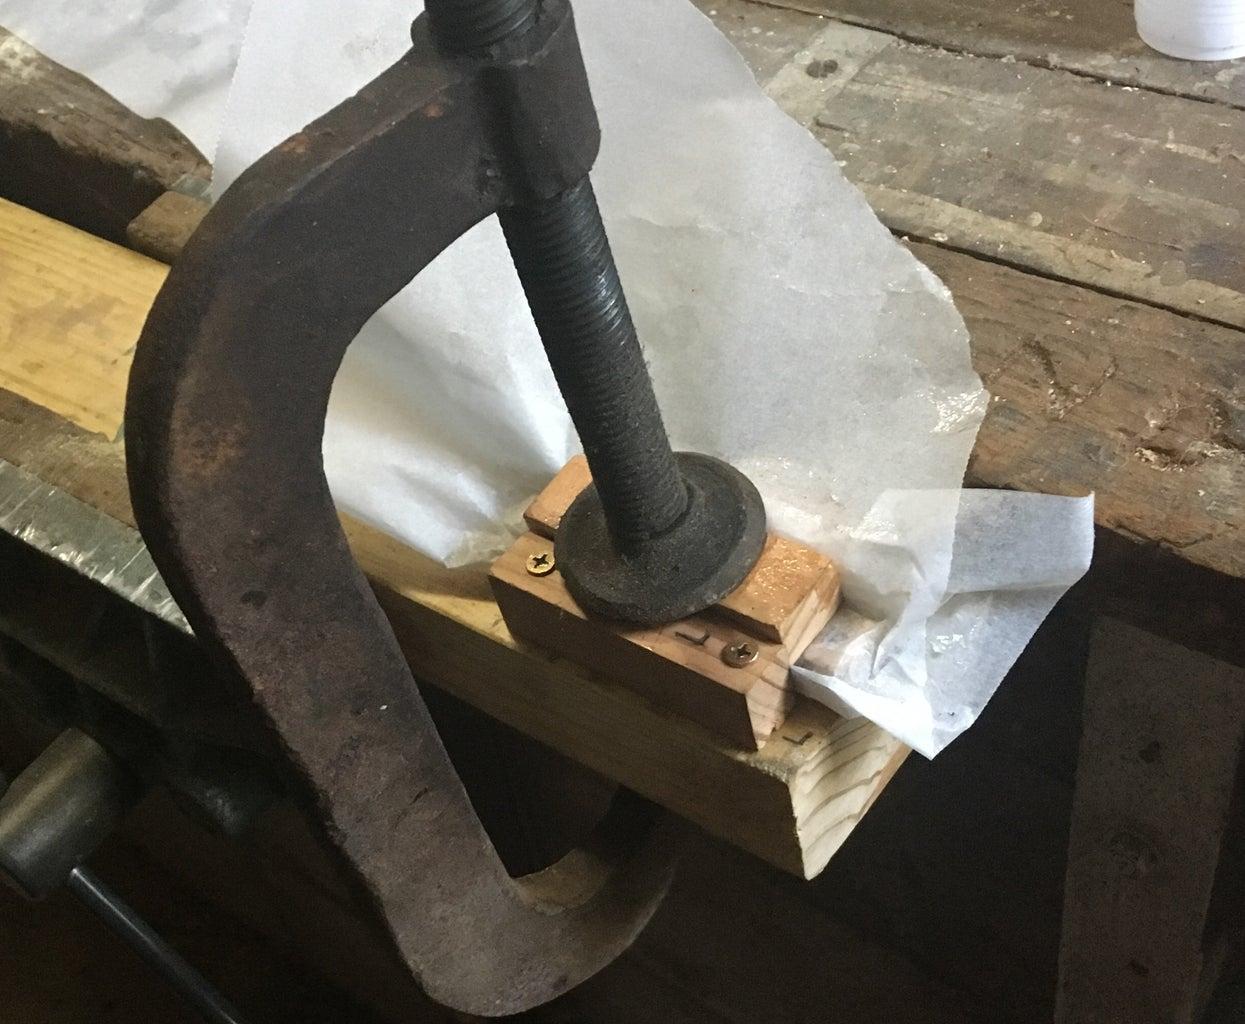 Making the Micarta